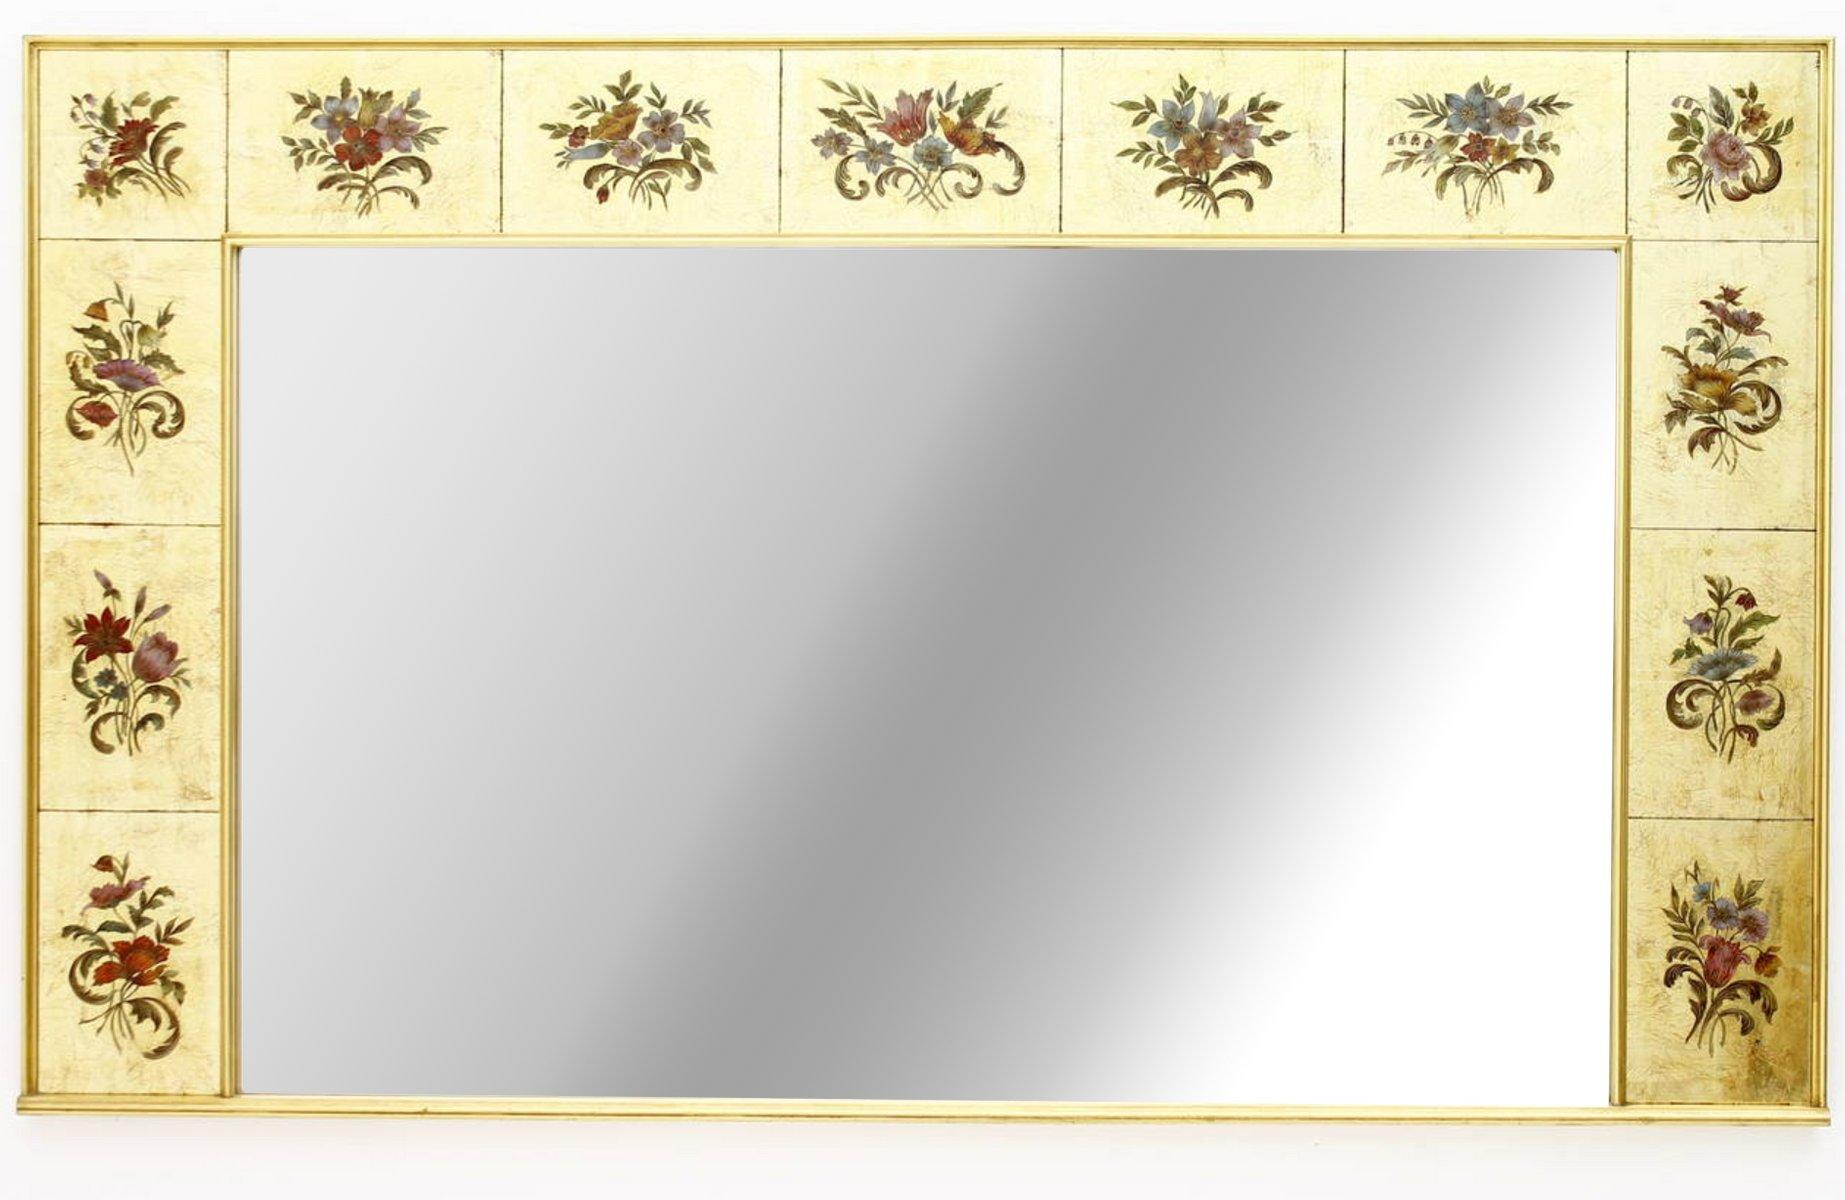 Grand miroir mural d coratif 1980s en vente sur pamono for Grand miroir mural horizontal